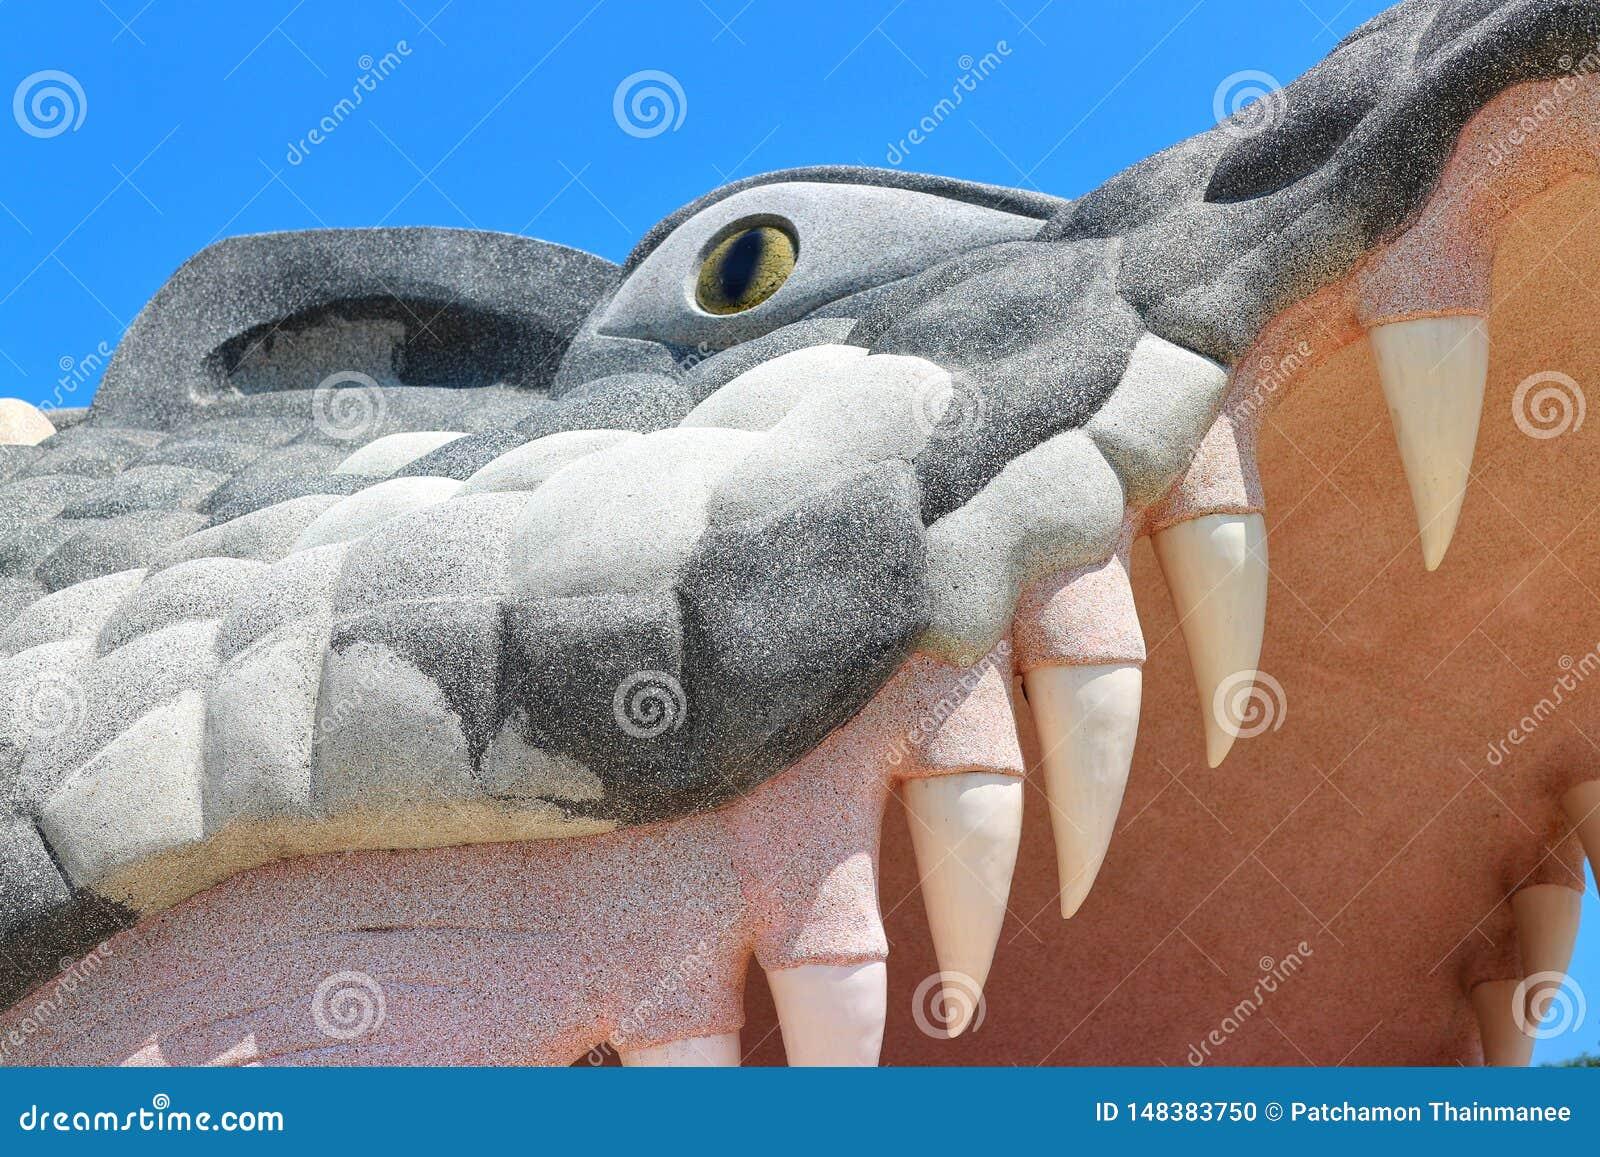 鳄鱼灰浆张它的与大牙的嘴 美好的天空蔚蓝背景